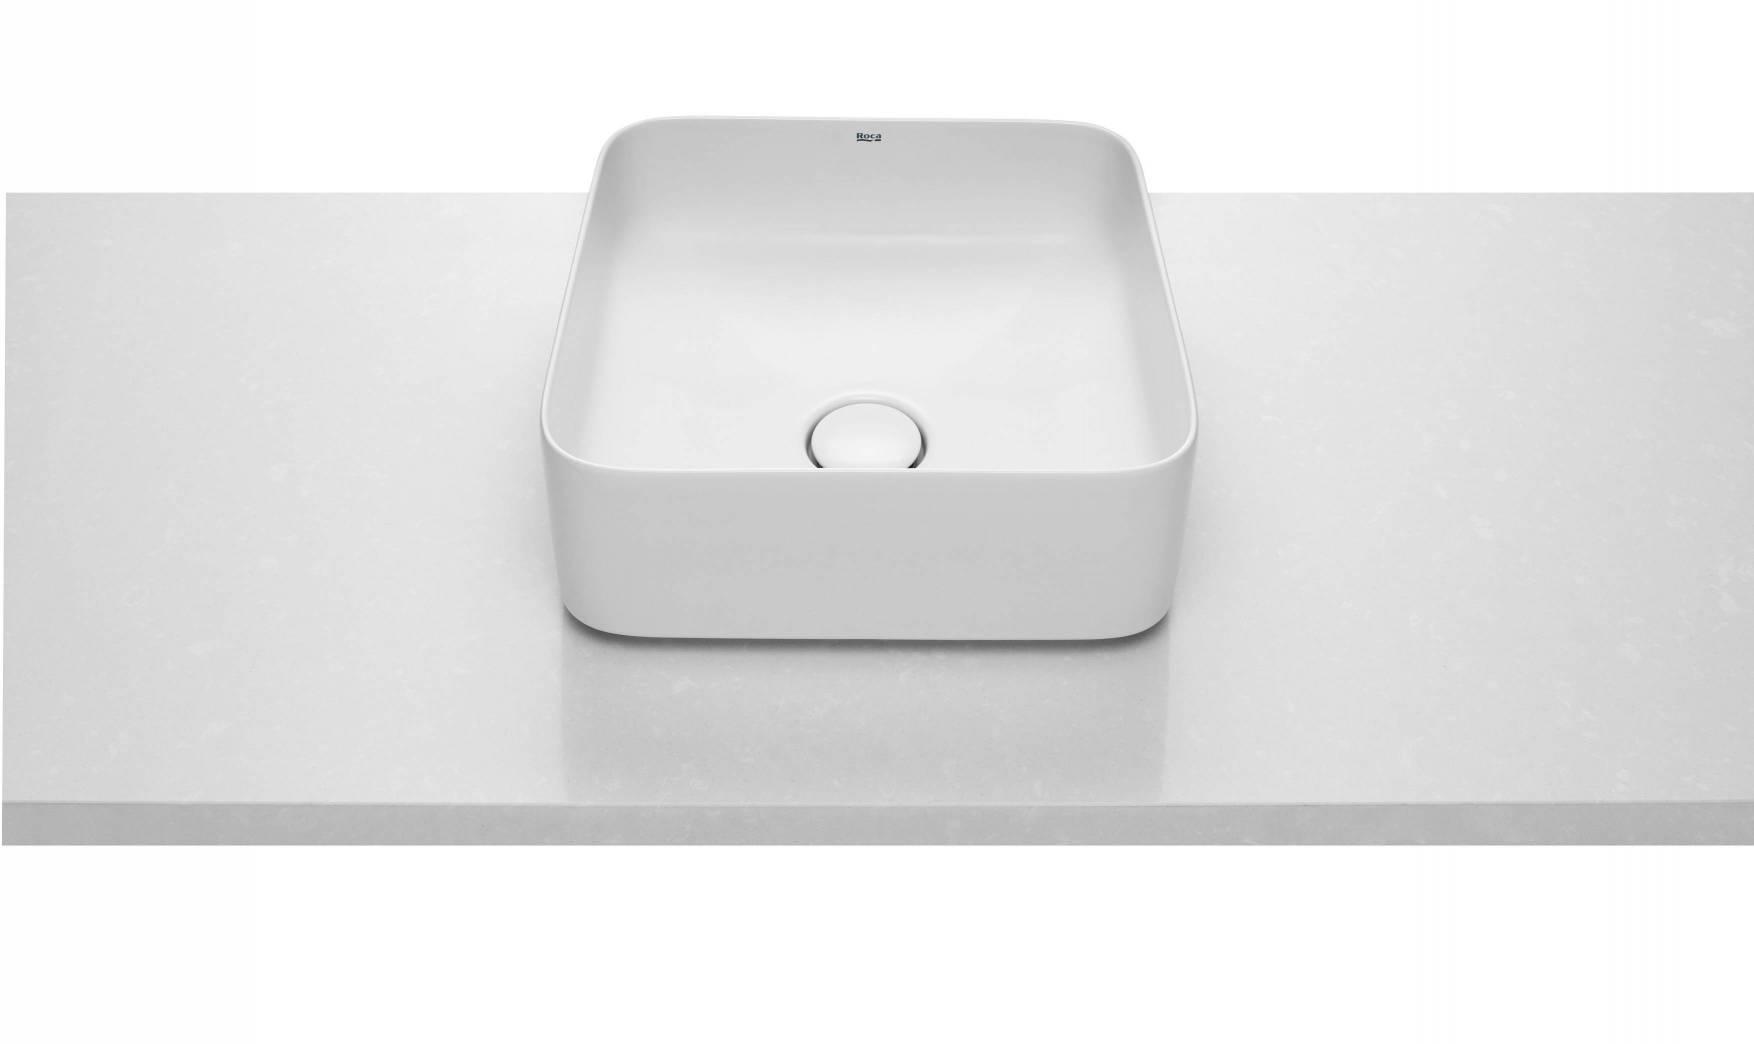 Lavabo con forma Square de la colección Inspira de Roca